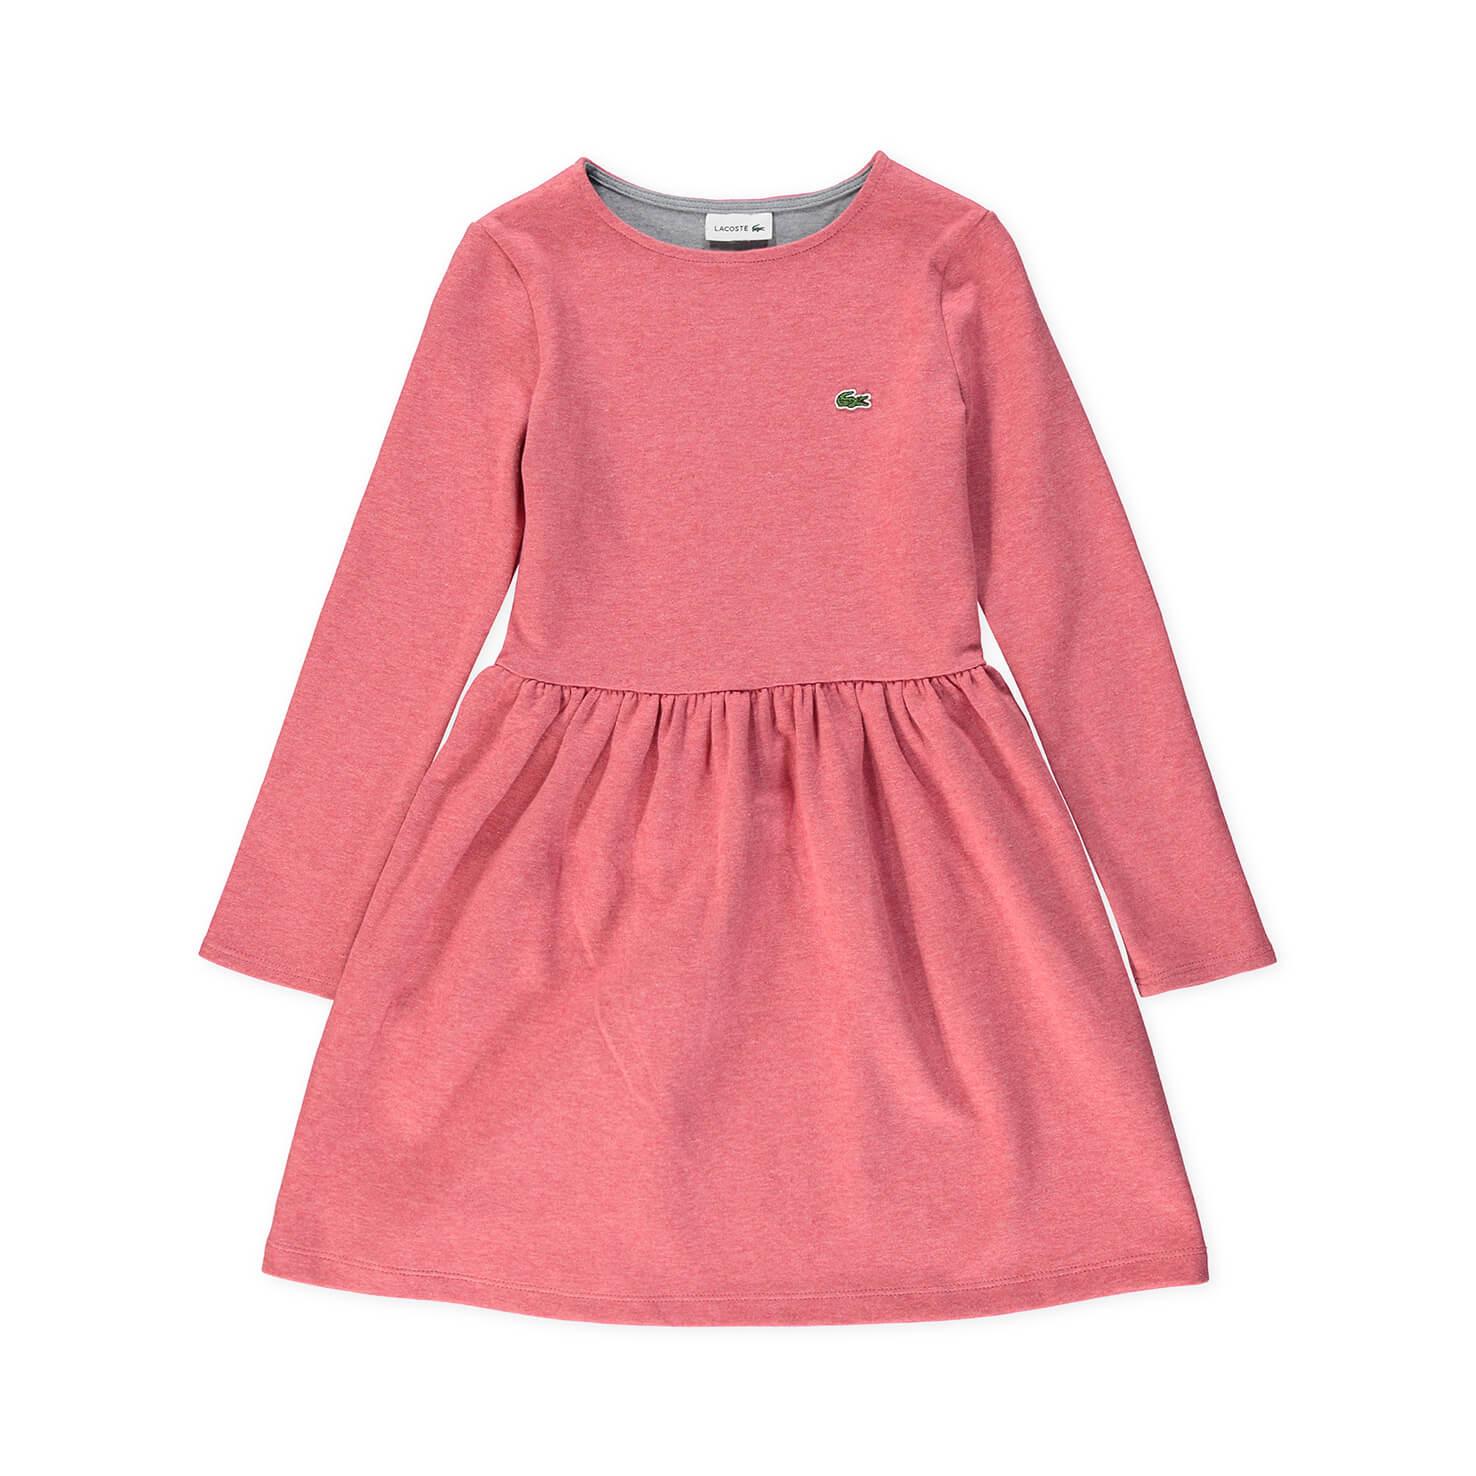 Купить Платье Lacoste, розовый, EJ9666